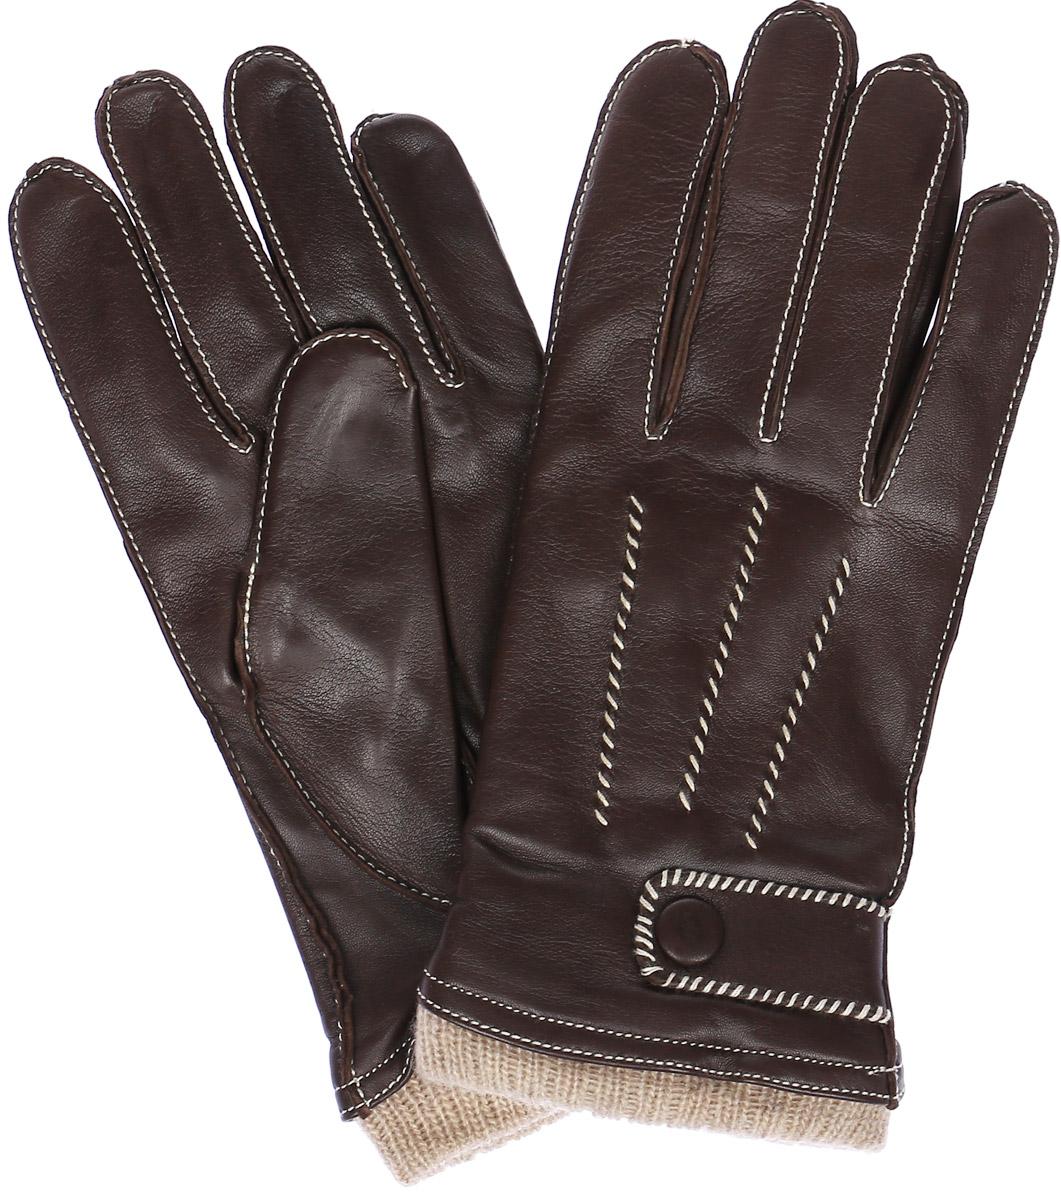 ПерчаткиOS01750Стильные мужские перчатки Eleganzza выполнены из натуральной кожи. Внутренняя поверхность модели изготовлена из шерсти и кашемира, которые обеспечивают тепло и комфорт. На ладонной стороне перчатки дополнены резинкой, а на внешней оформлены декоративными швами три луча. Манжет дополнен декоративным ремешком на кнопке.